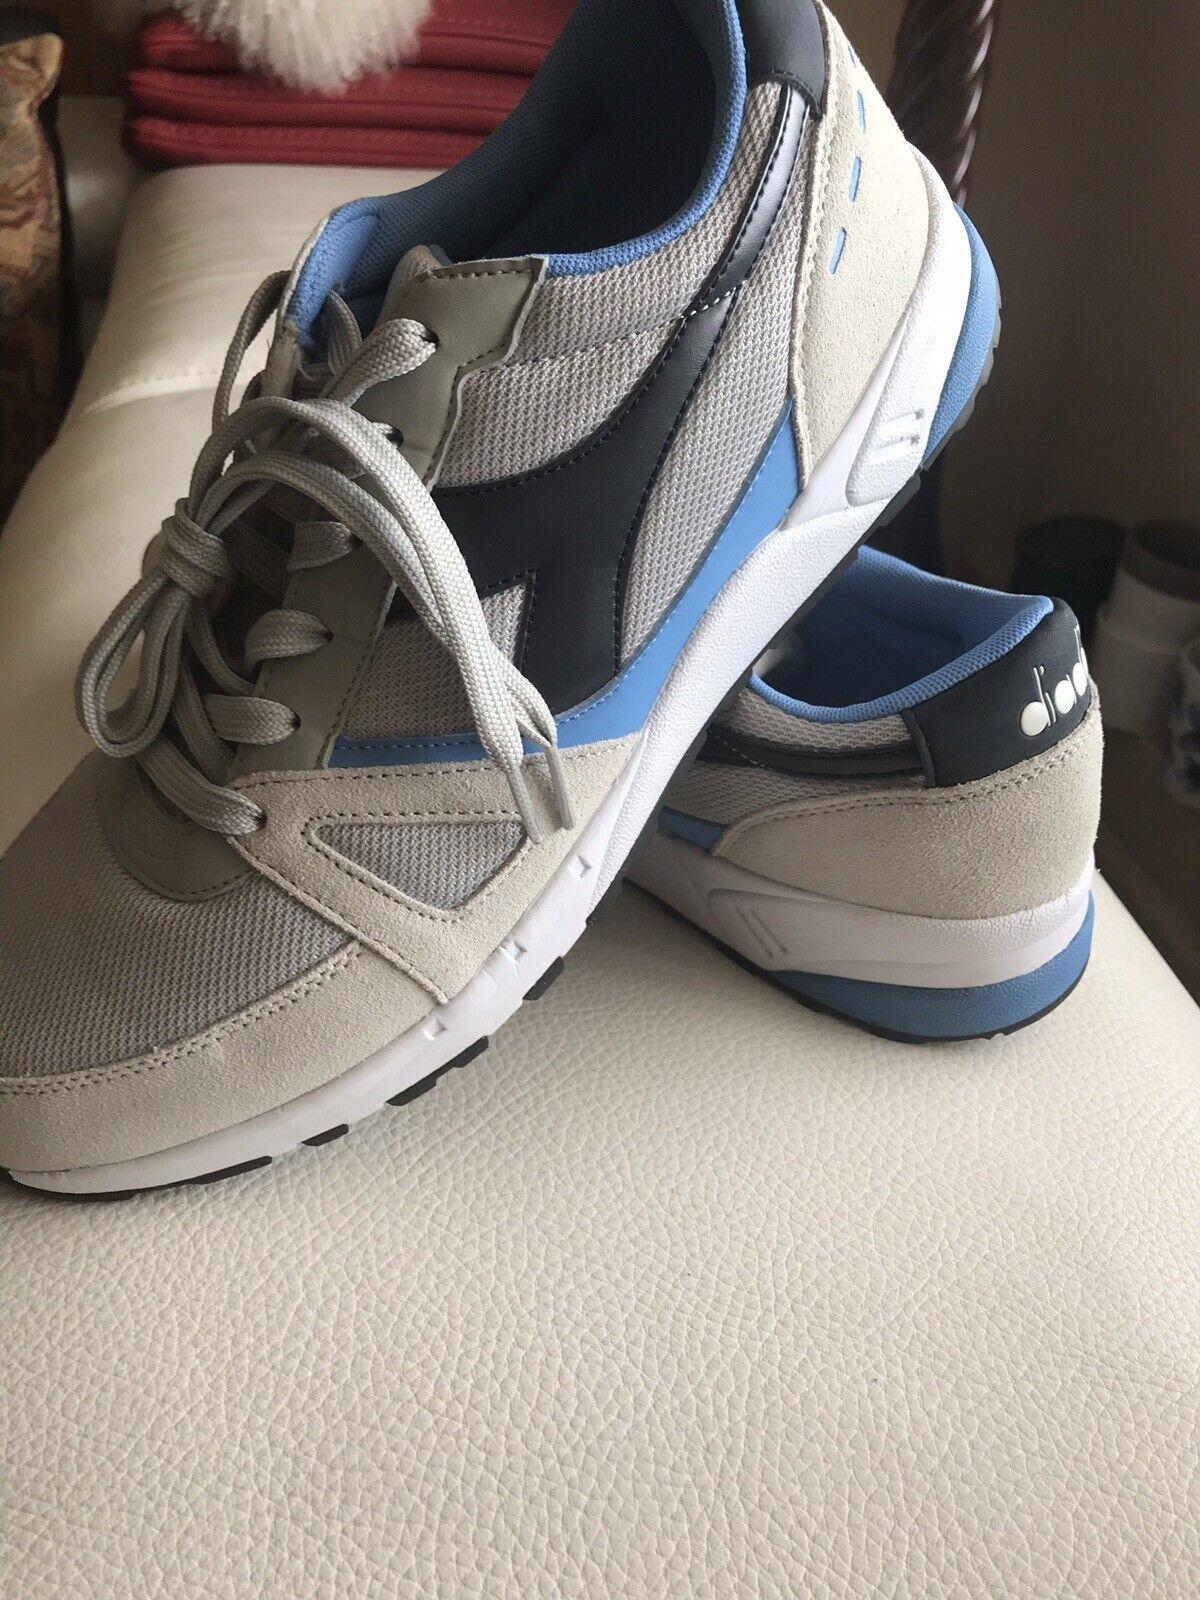 New Men's Fashion Sneakers DIADORA  USA Size 12